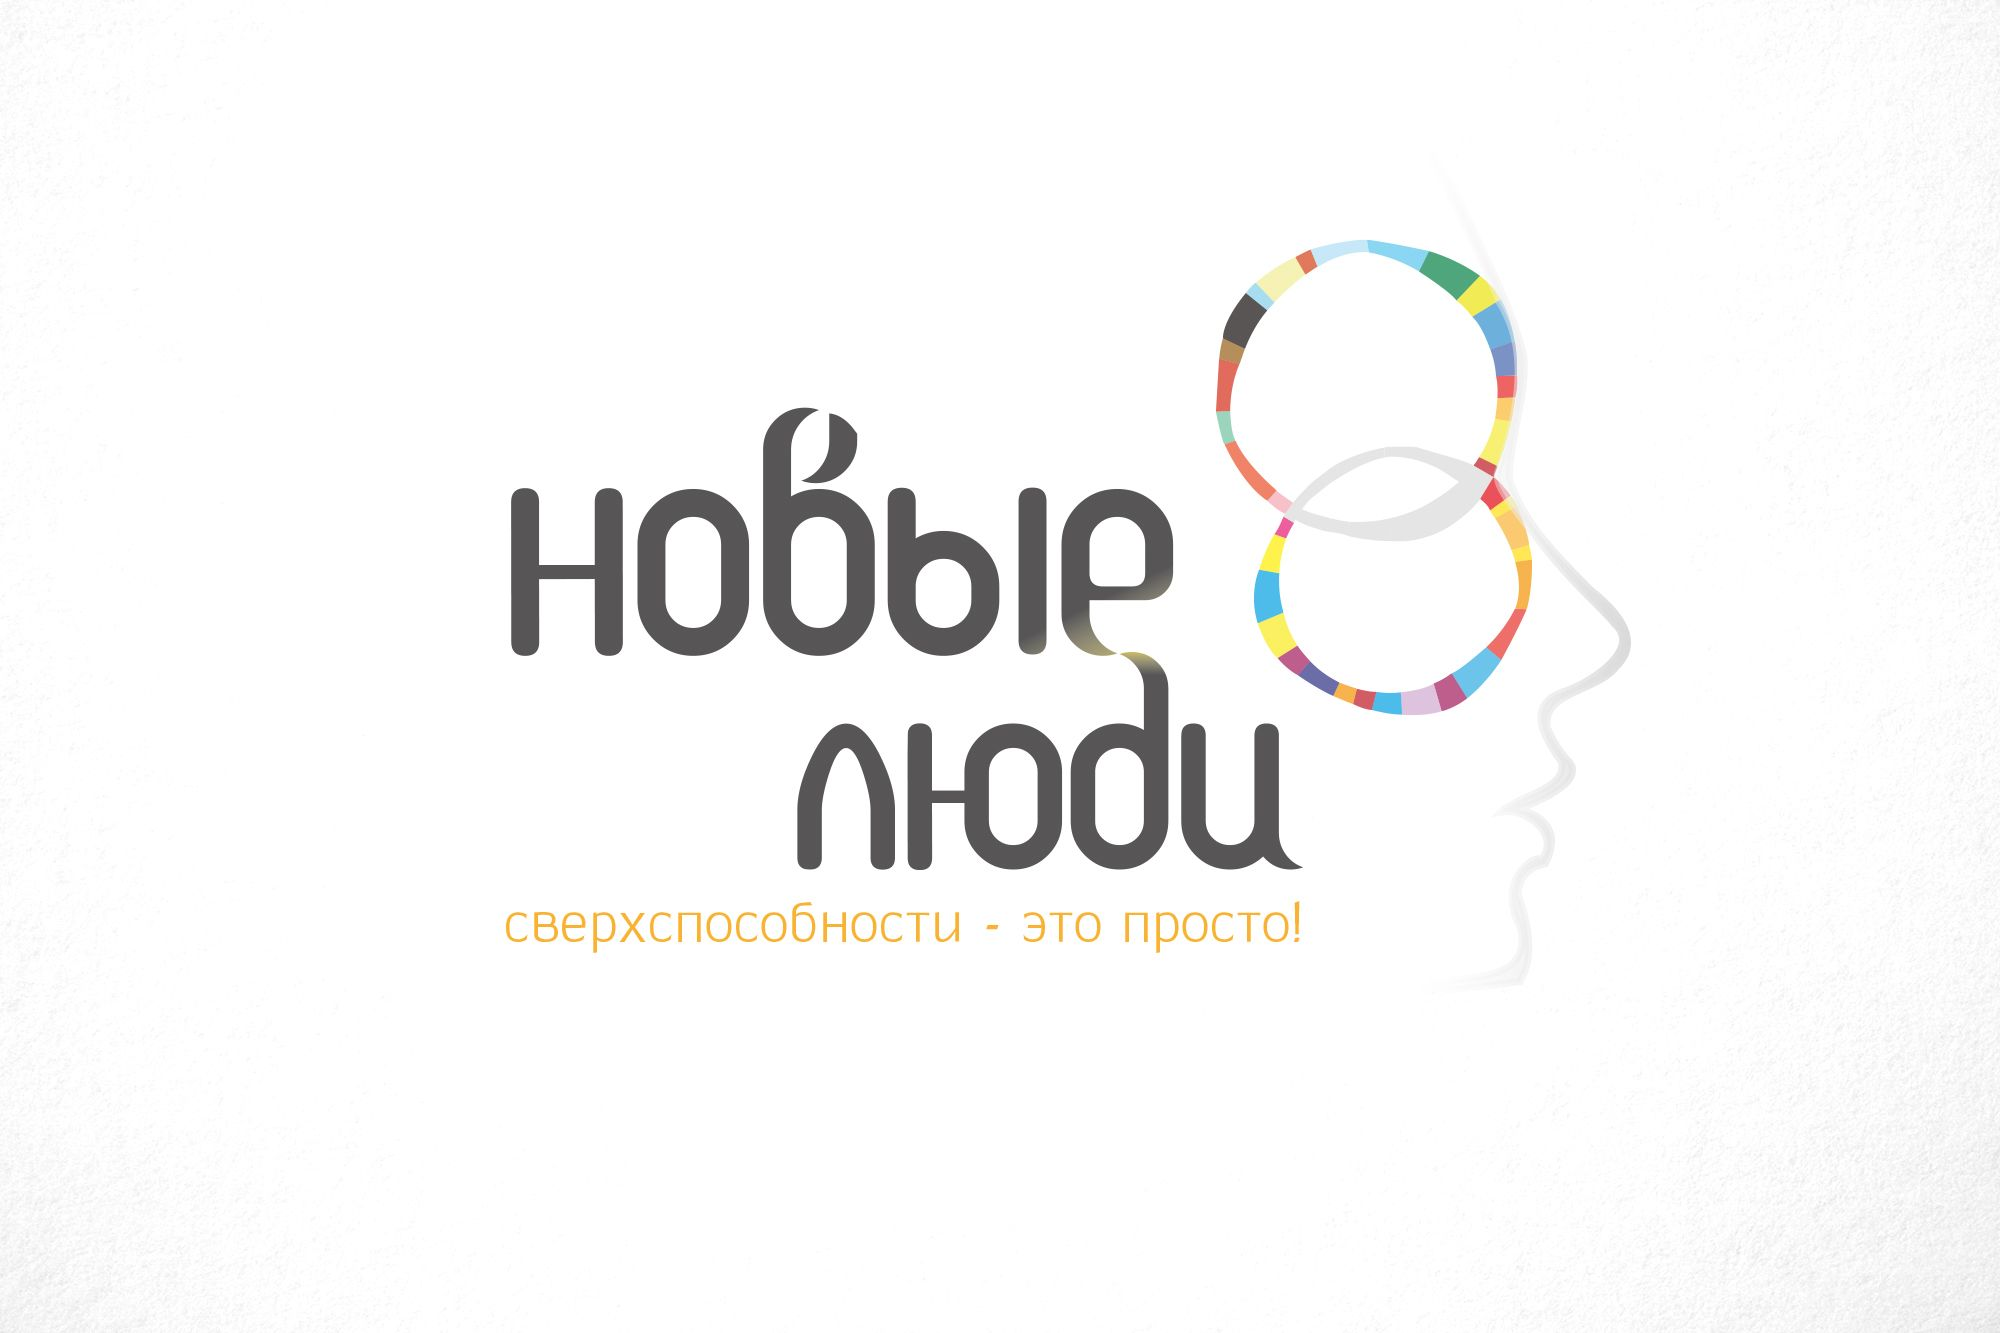 Лого и стиль тренингового центра/системы знаний - дизайнер funkielevis